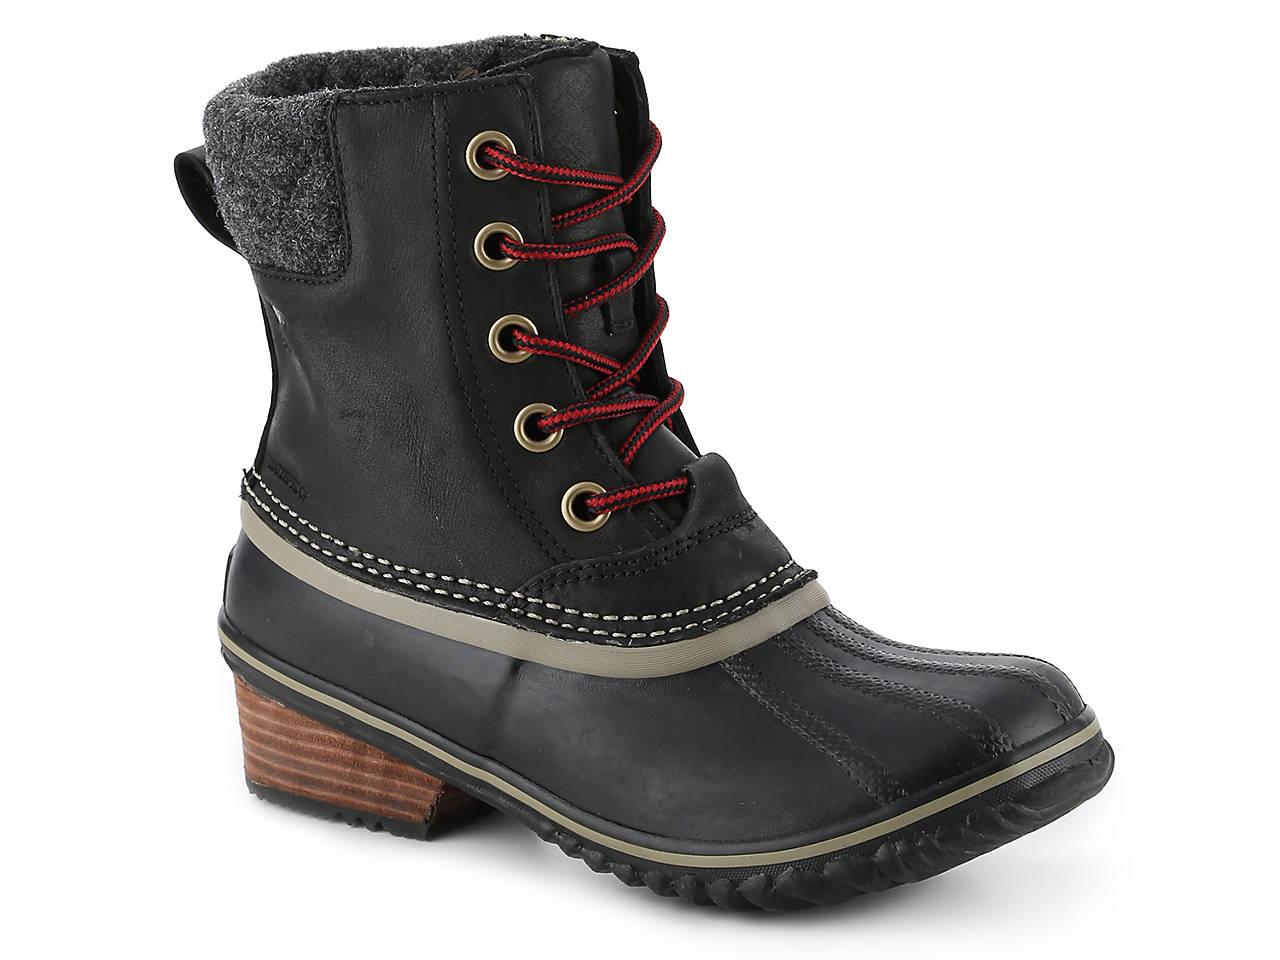 bdb0c16eca67 Sorel Slimpack II Snow Boot Women s Shoes